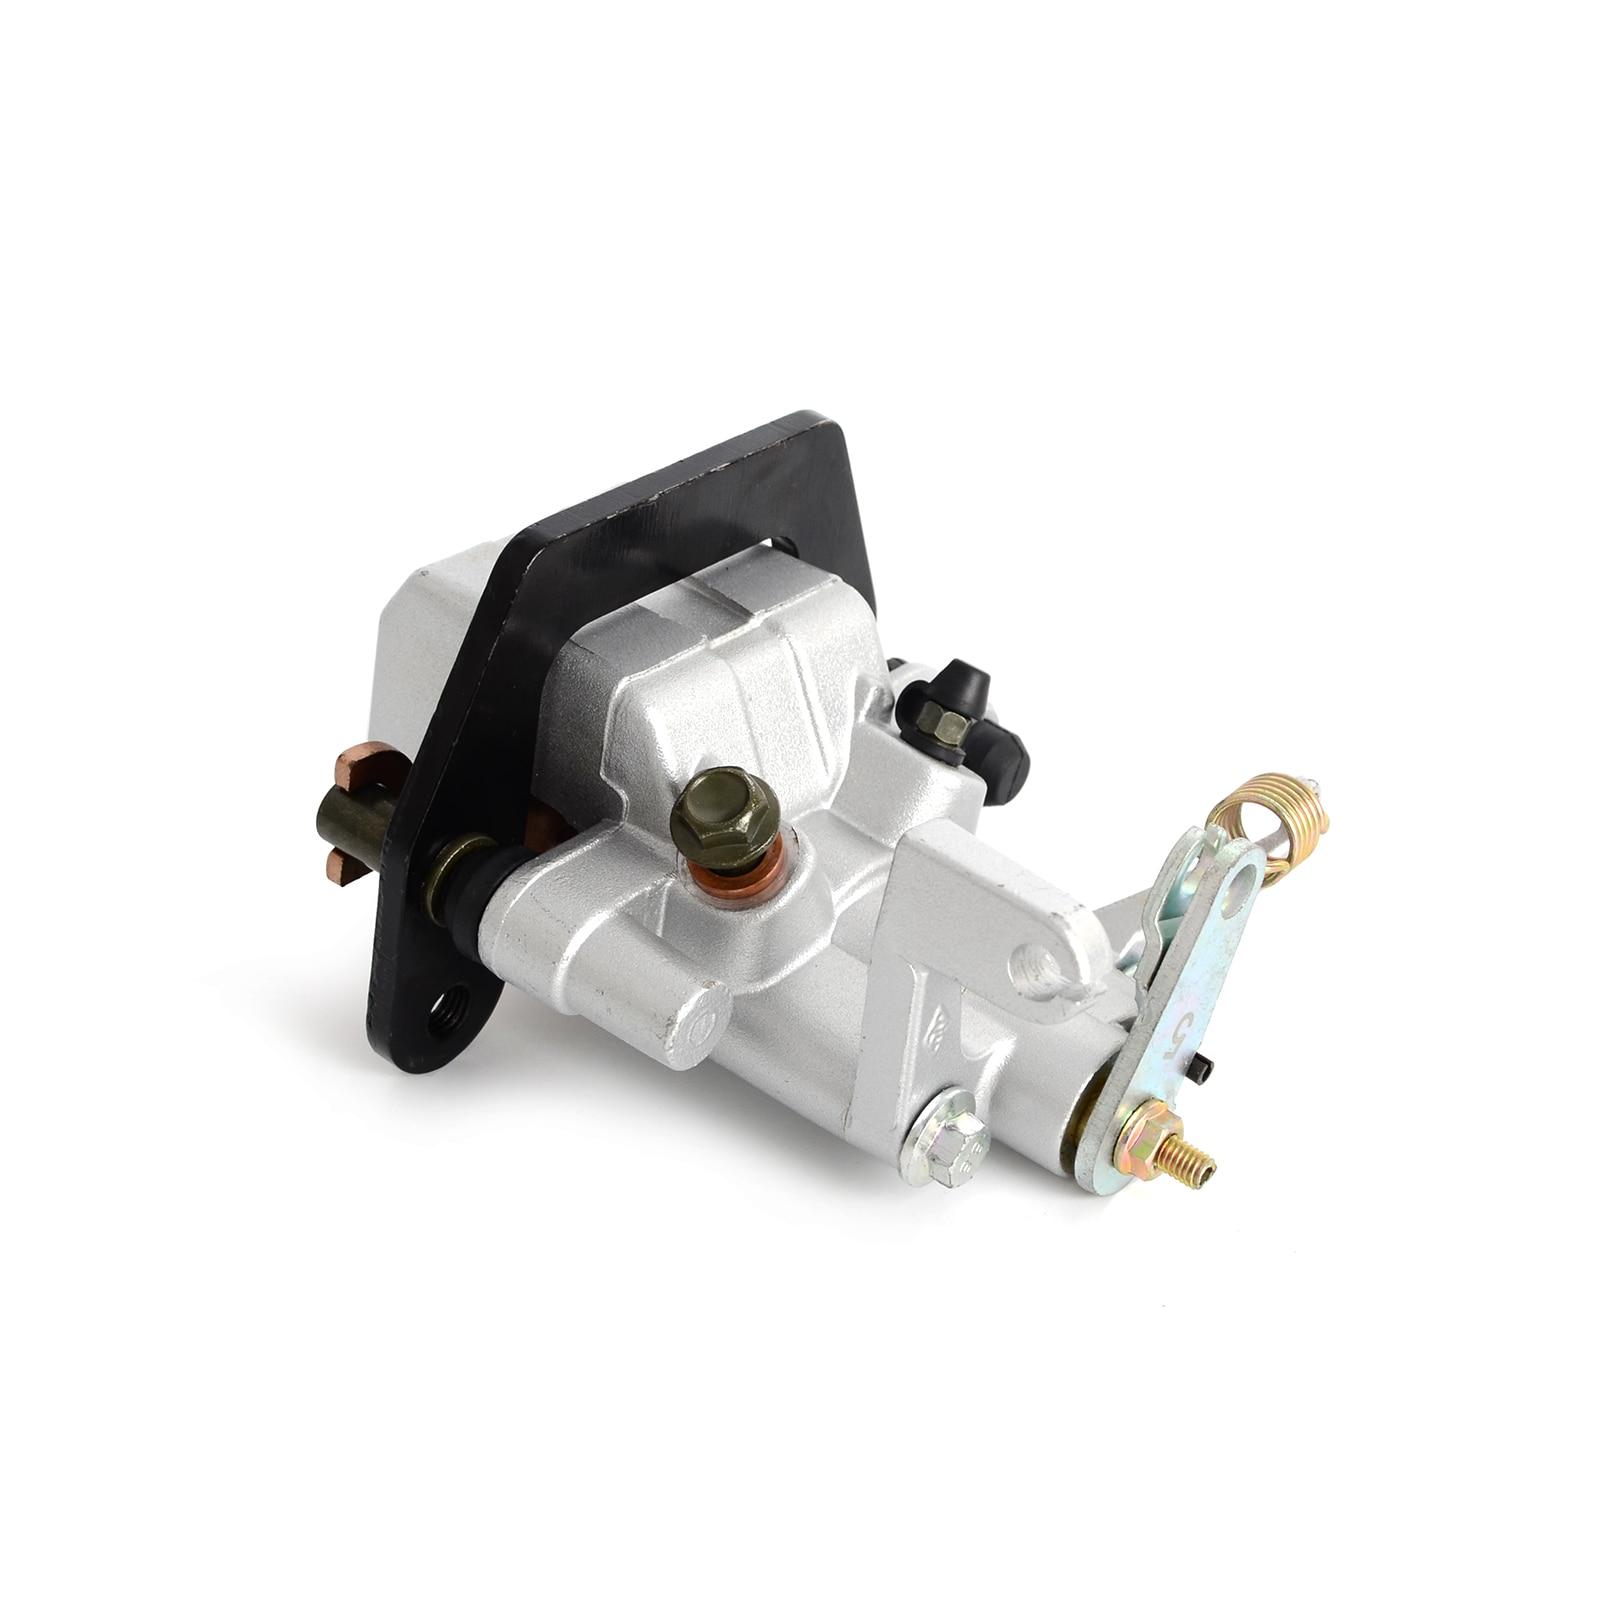 Rear Brake Caliper Center Parking Brake ATV UTV400 500 700 For HiSun Massimo Bennche